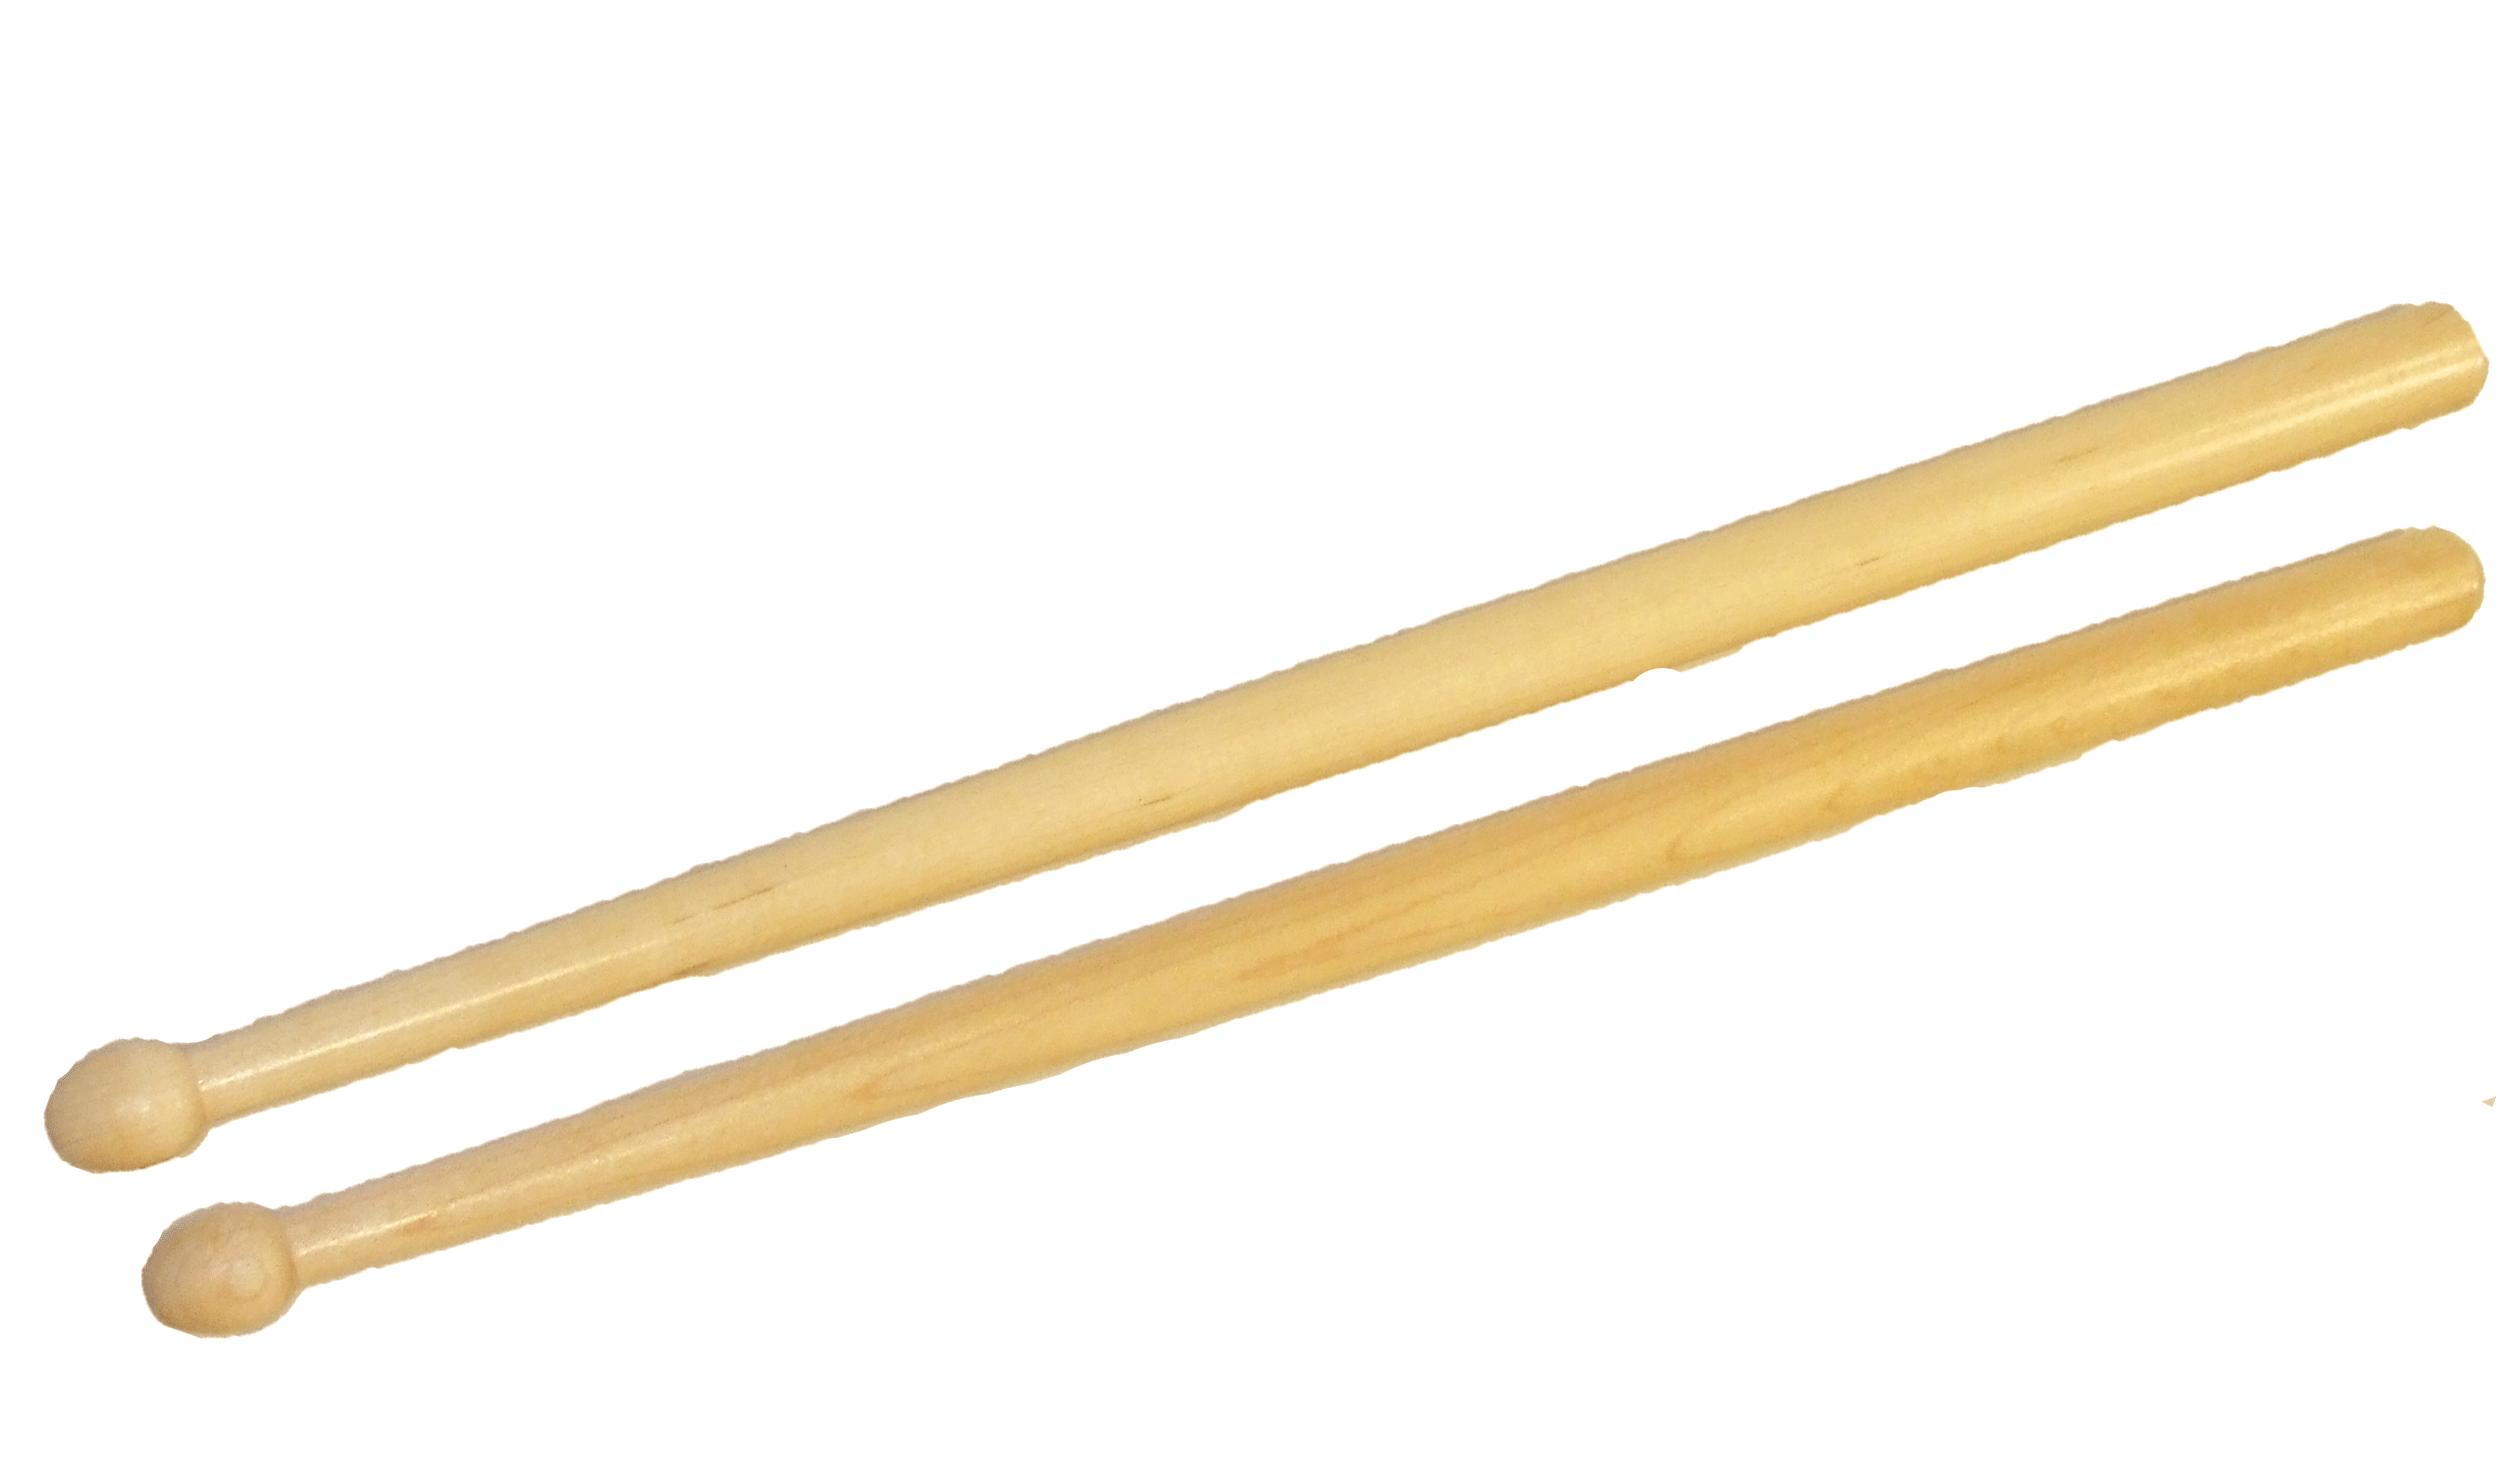 Image For u003e, Drumstick Png - Drumsticks PNG